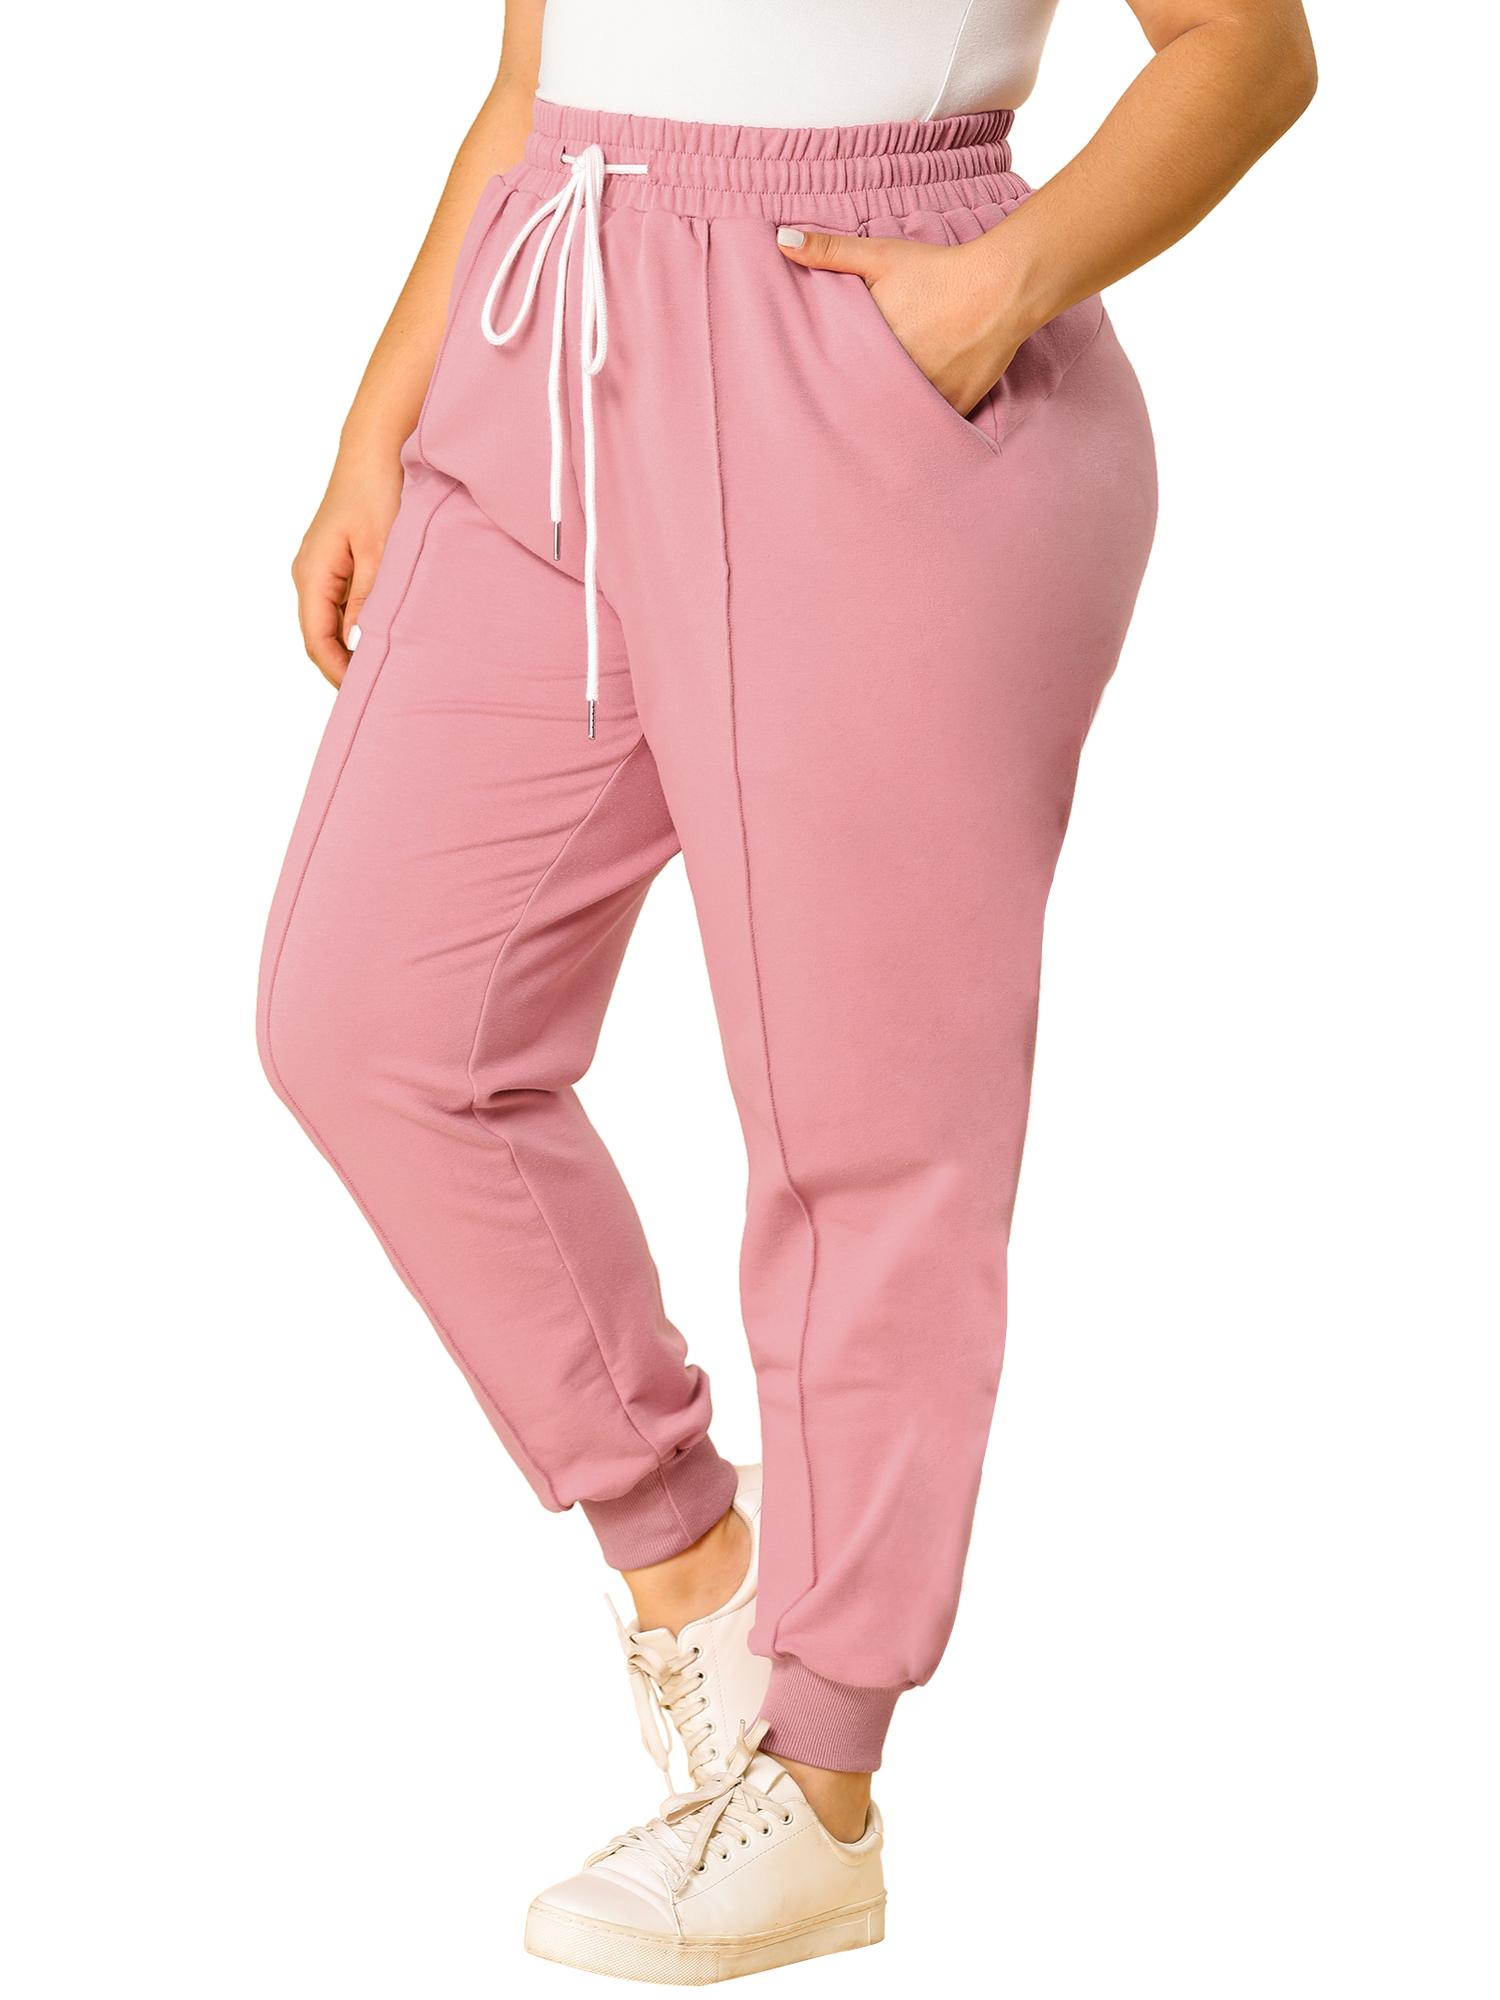 Women's Plus Size Sweatpants Elastic Waist Contrast Jogger Pant Pink 3X